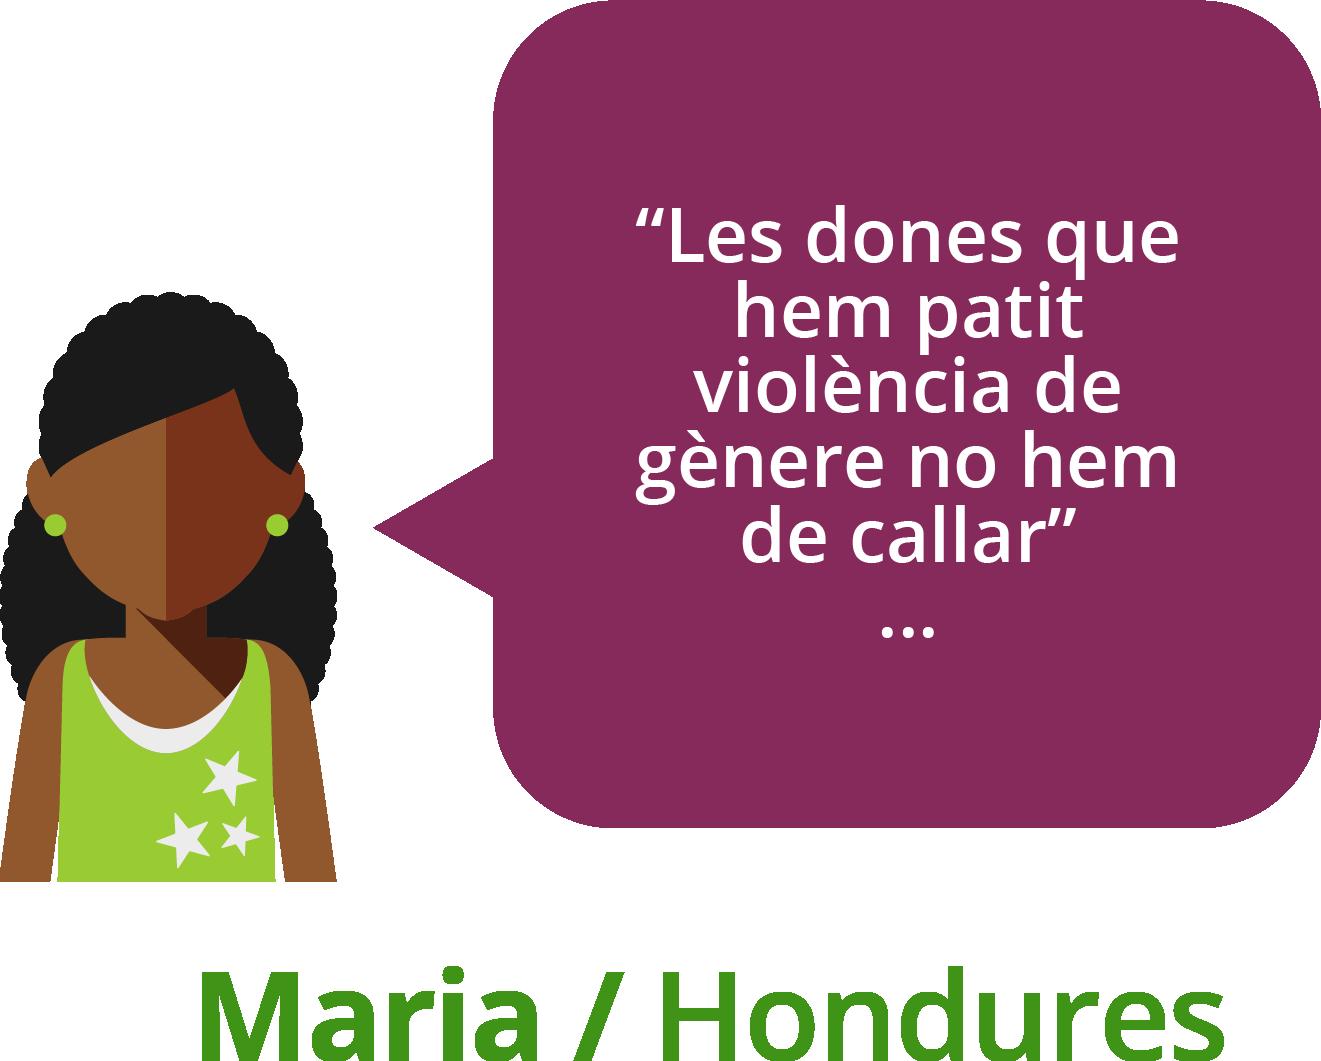 CCAR_Nous-Testimonis_Maria Honduras_Mesa de trabajo 1